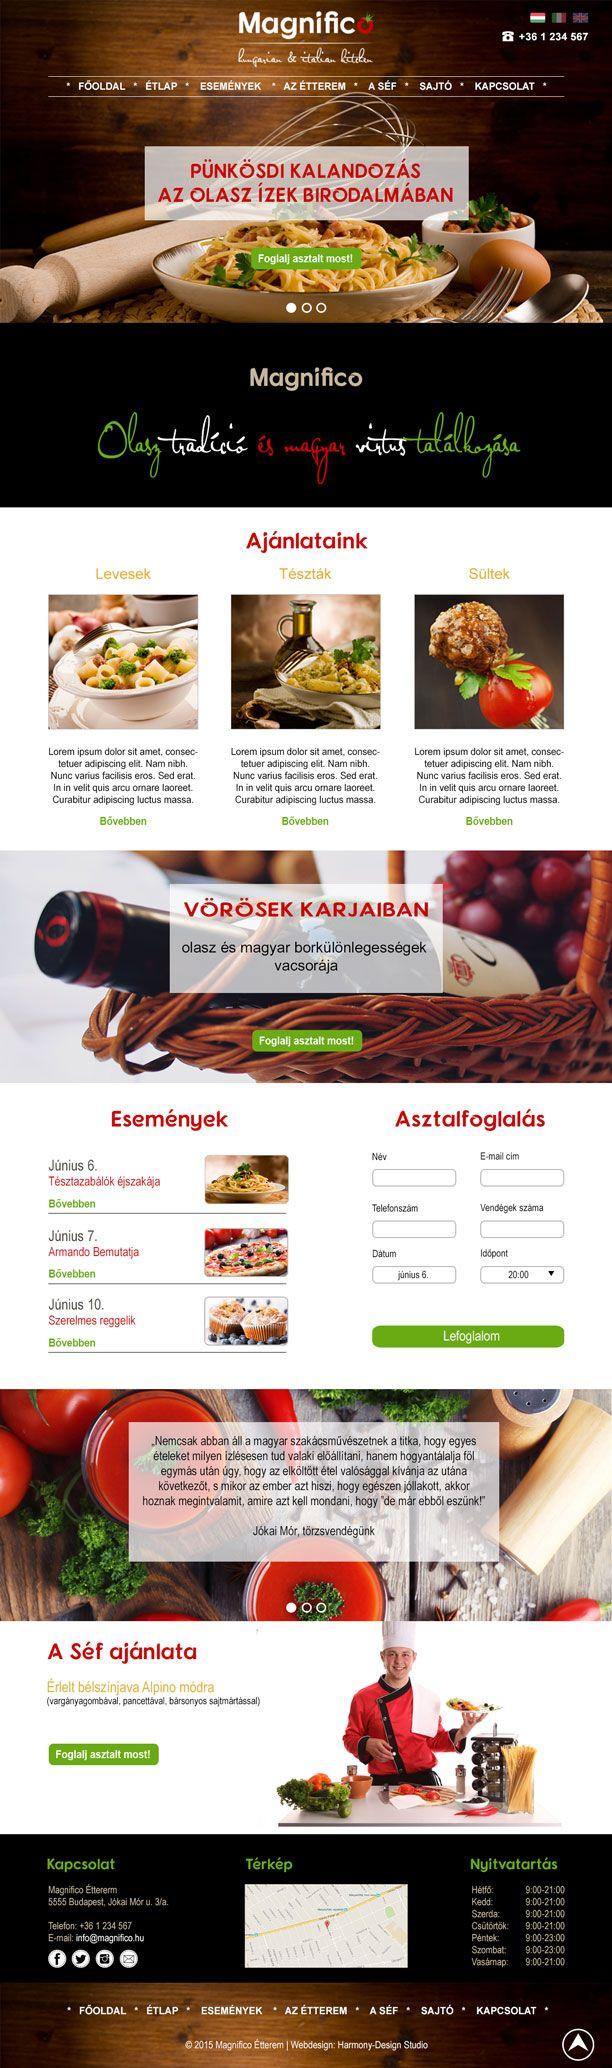 Magnifico étterem responsive webdesign - desktop